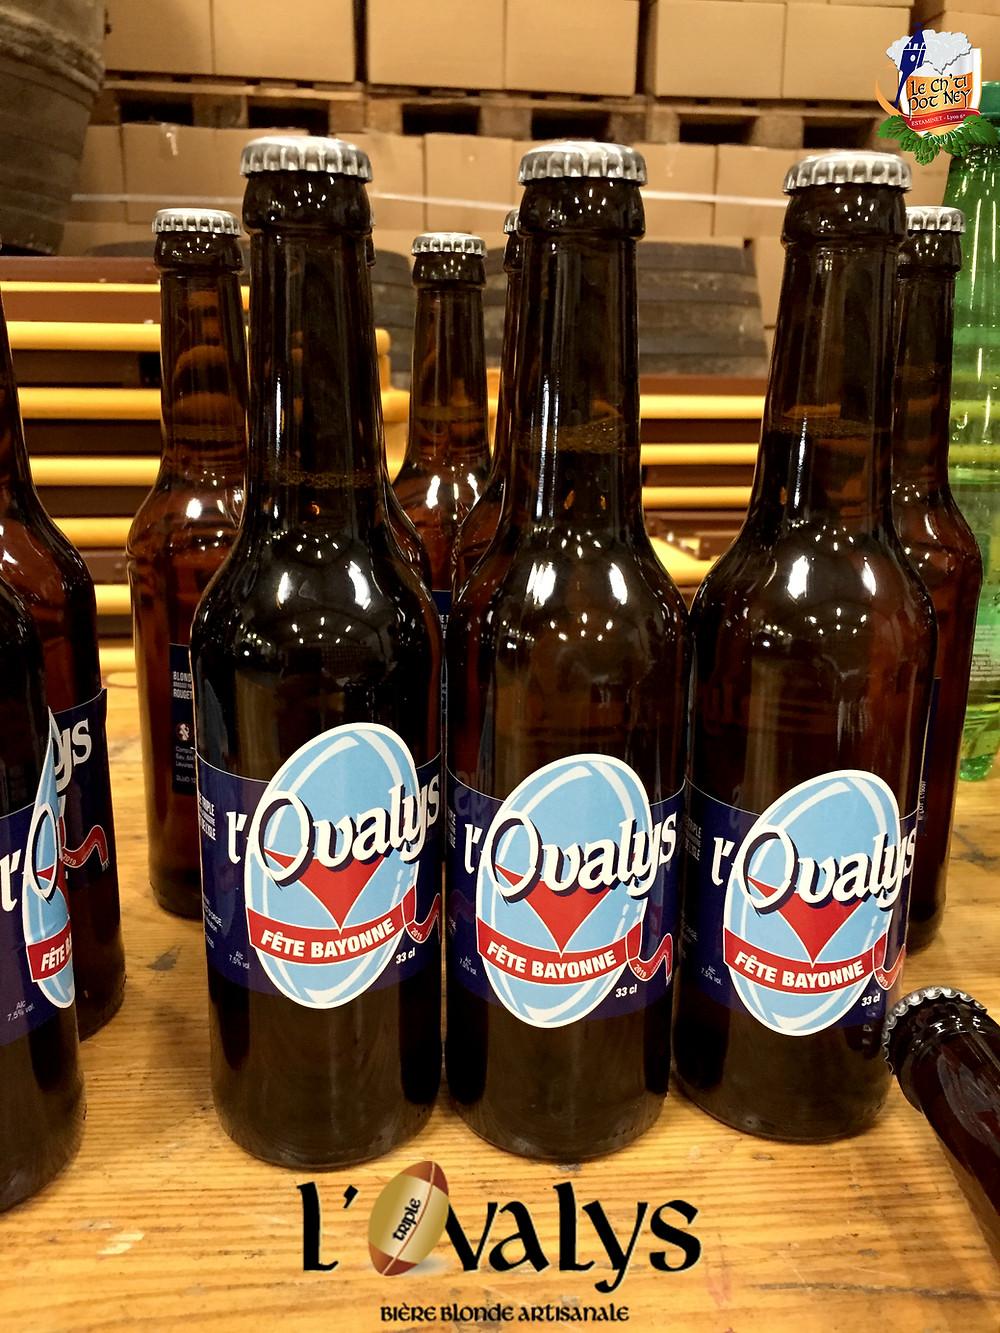 L'Ovalys, une bière artisanale.